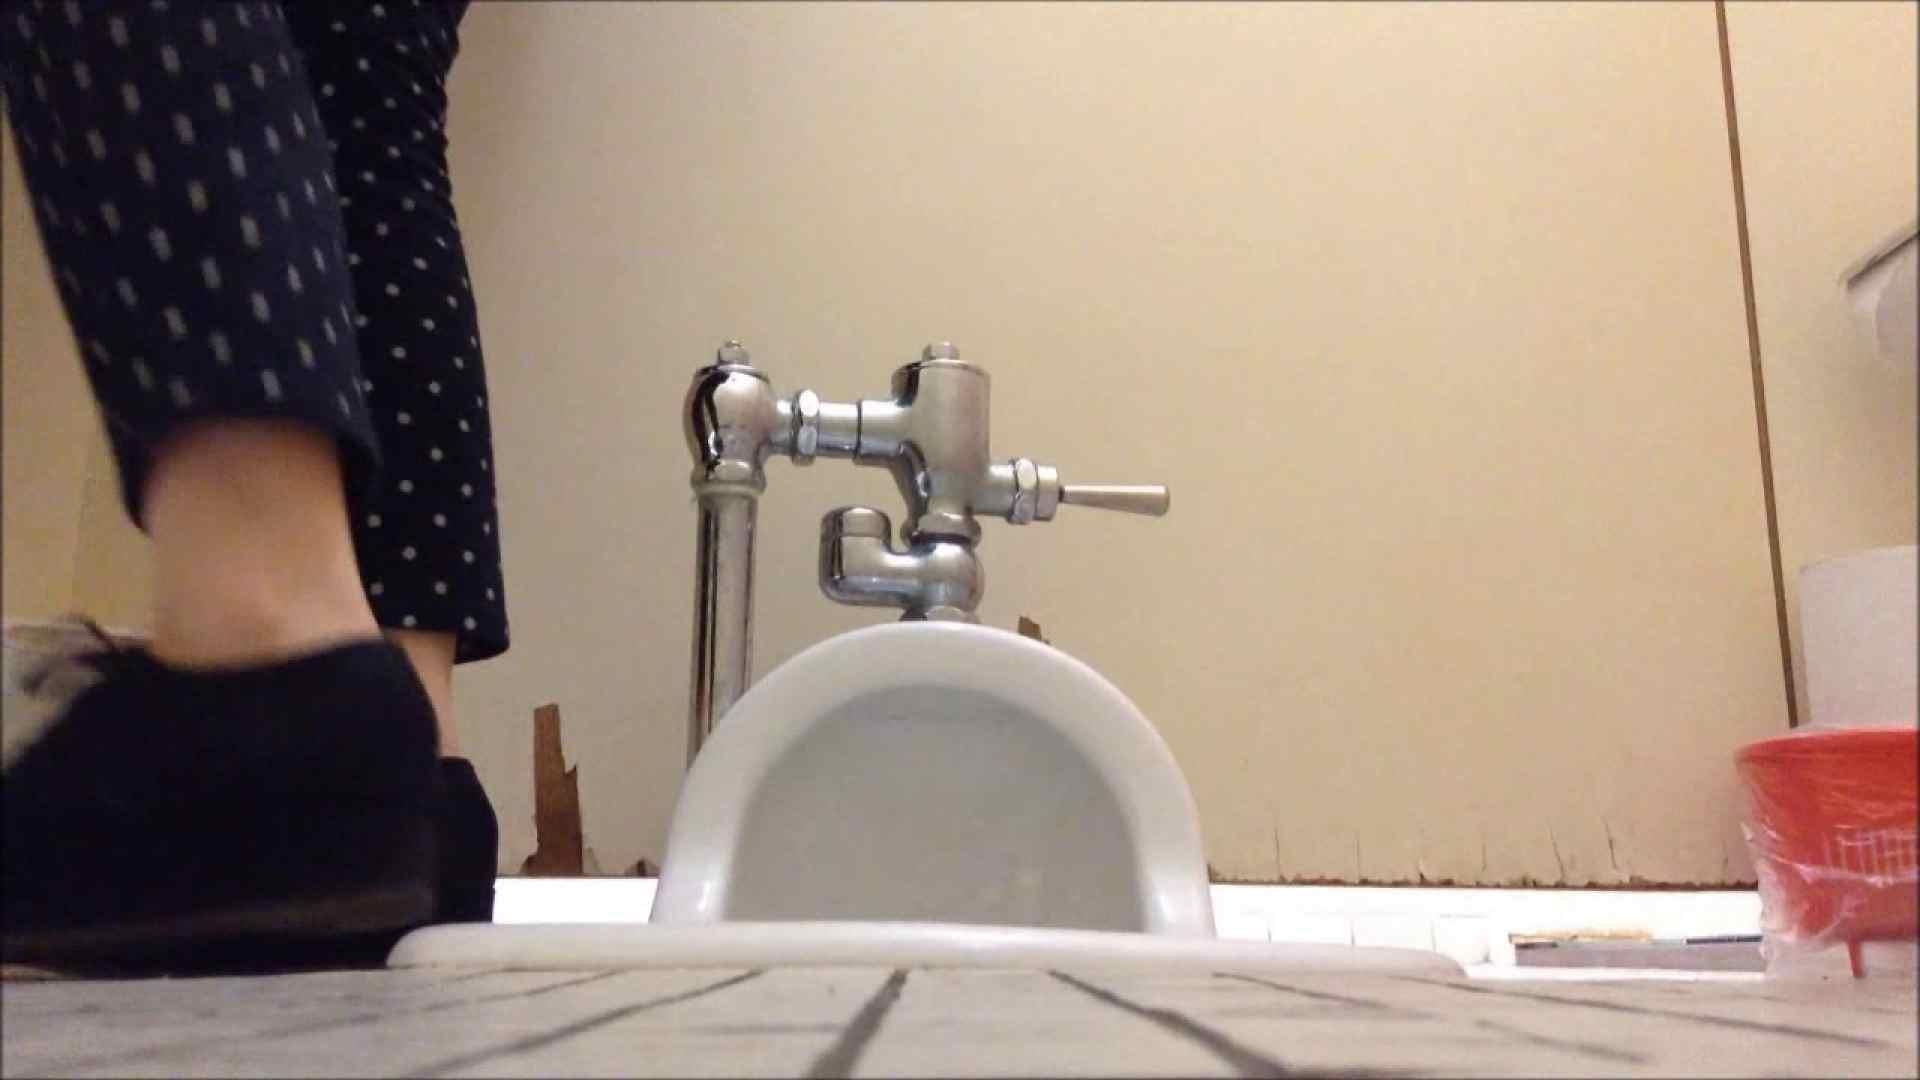 某有名大学女性洗面所 vol.04 和式 | 洗面所  50連発 13